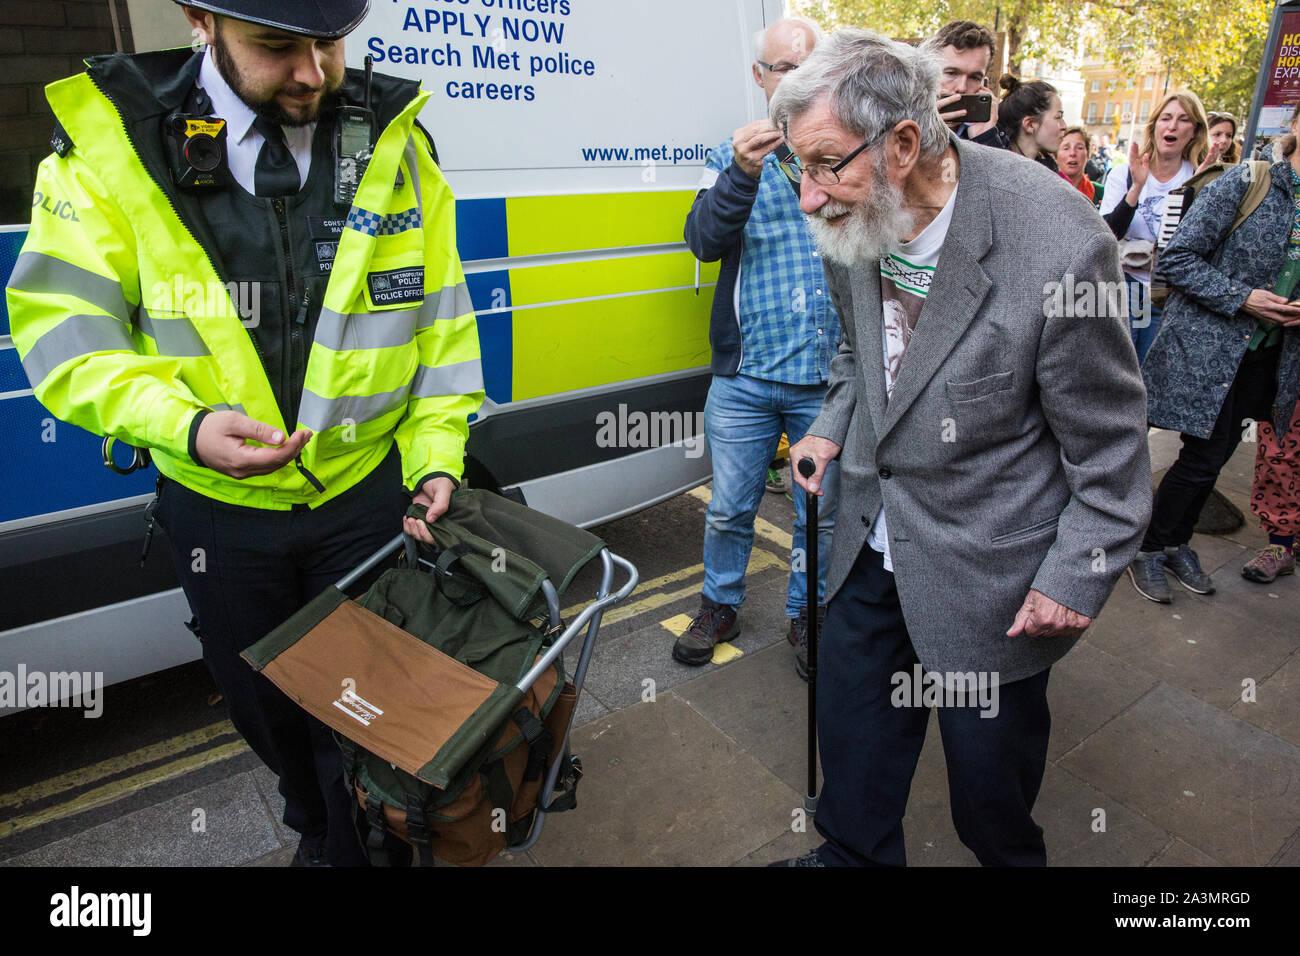 Londres, Royaume-Uni. 9 octobre, 2019. John Lynes, 91 ans, activiste climatique de l'extinction, la rébellion est arrêté par des policiers à l'aide de l'article 14 de la Loi sur l'ordre public de 1986 après le blocage Whitehall le troisième jour de manifestations internationales d'exiger une rébellion Déclaration gouvernementale d'un climat et d'urgence écologique, un engagement à enrayer la perte de biodiversité et la consommation énergétique nette zéro émissions de carbone en 2025 et pour le gouvernement de créer et d'être entraîné par les décisions d'une assemblée de citoyens sur le climat et la justice écologique. Credit: Mark Kerrison/Alamy Live News Banque D'Images